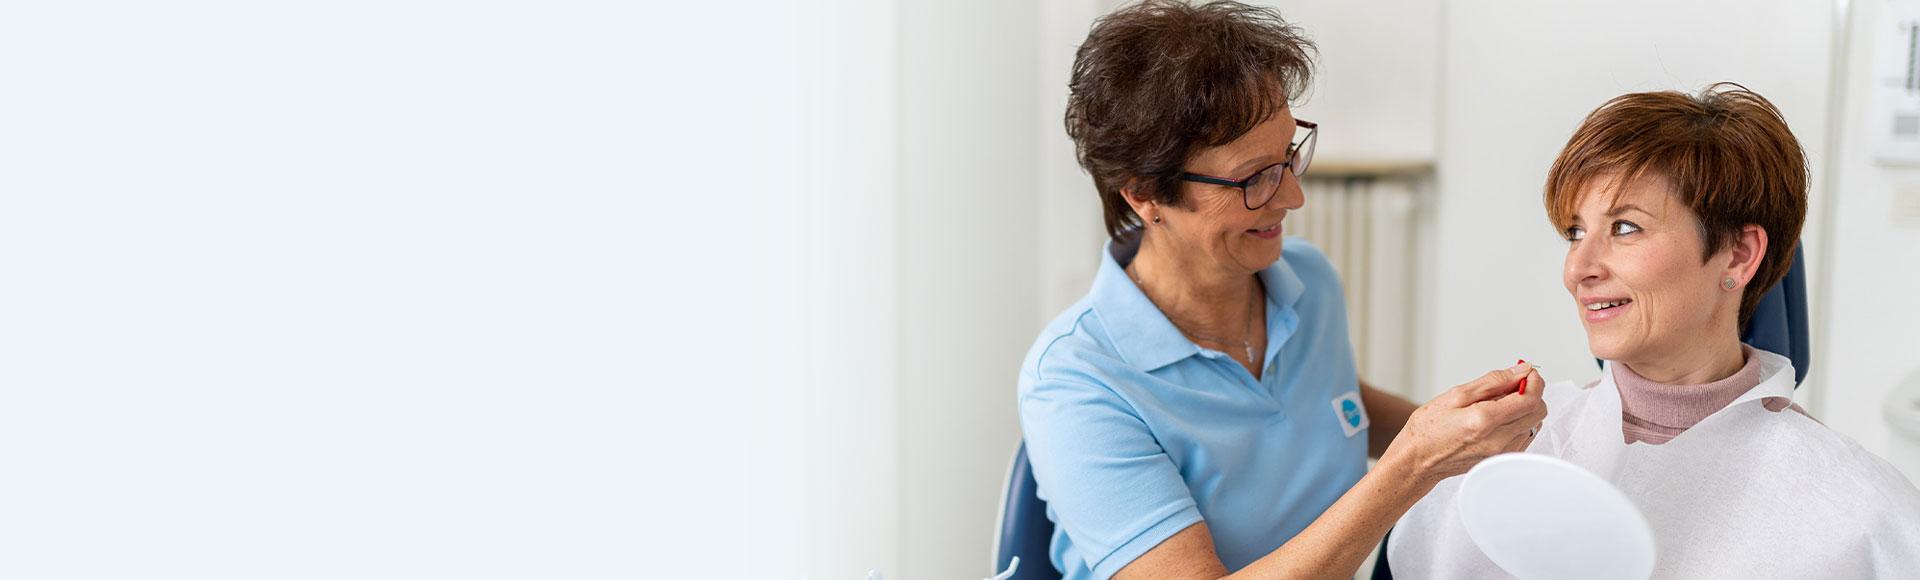 Professionelle Zahnreinigung PZR Kompetent und Wirksam